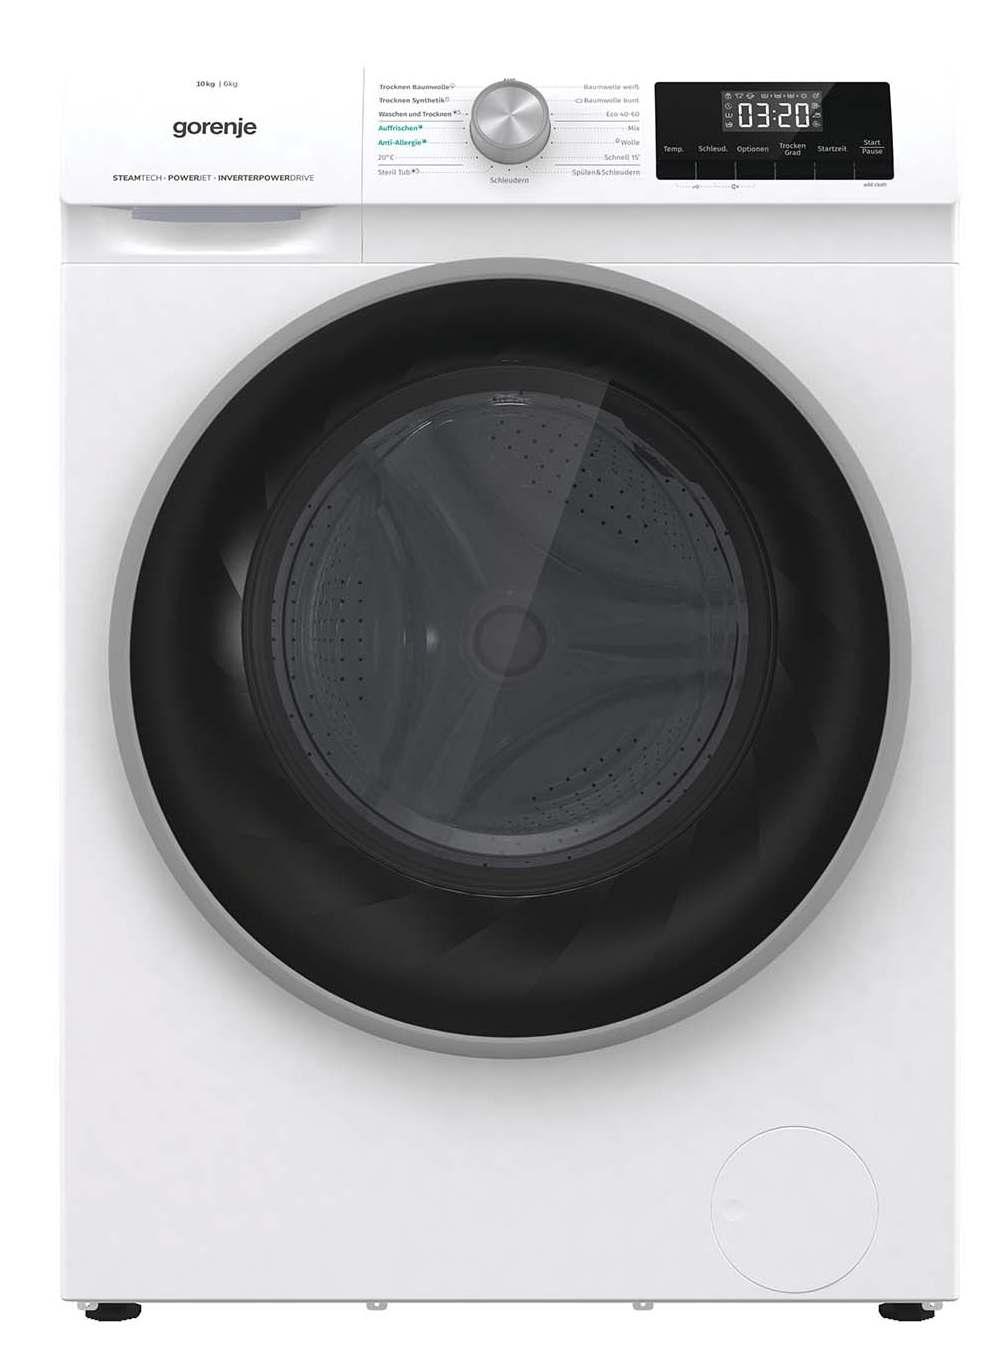 Waschtrockner - WD10514PS - GORENJE Front